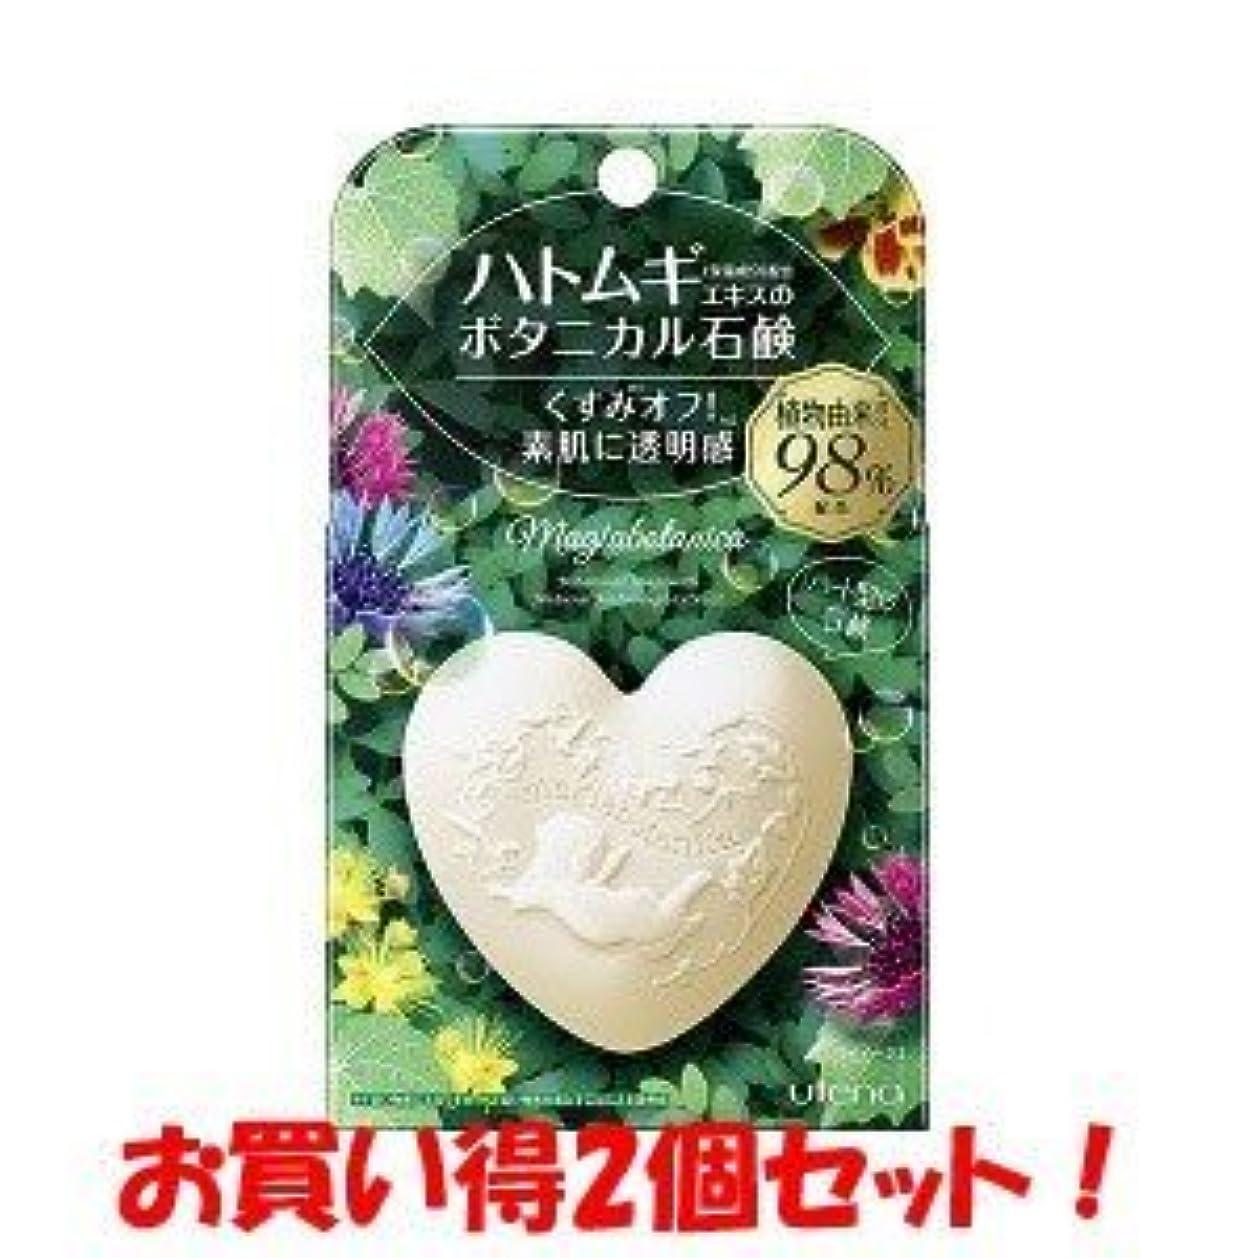 今までトレード大臣(ウテナ)マジアボタニカ ボタニカル石鹸 100g(お買い得2個セット)